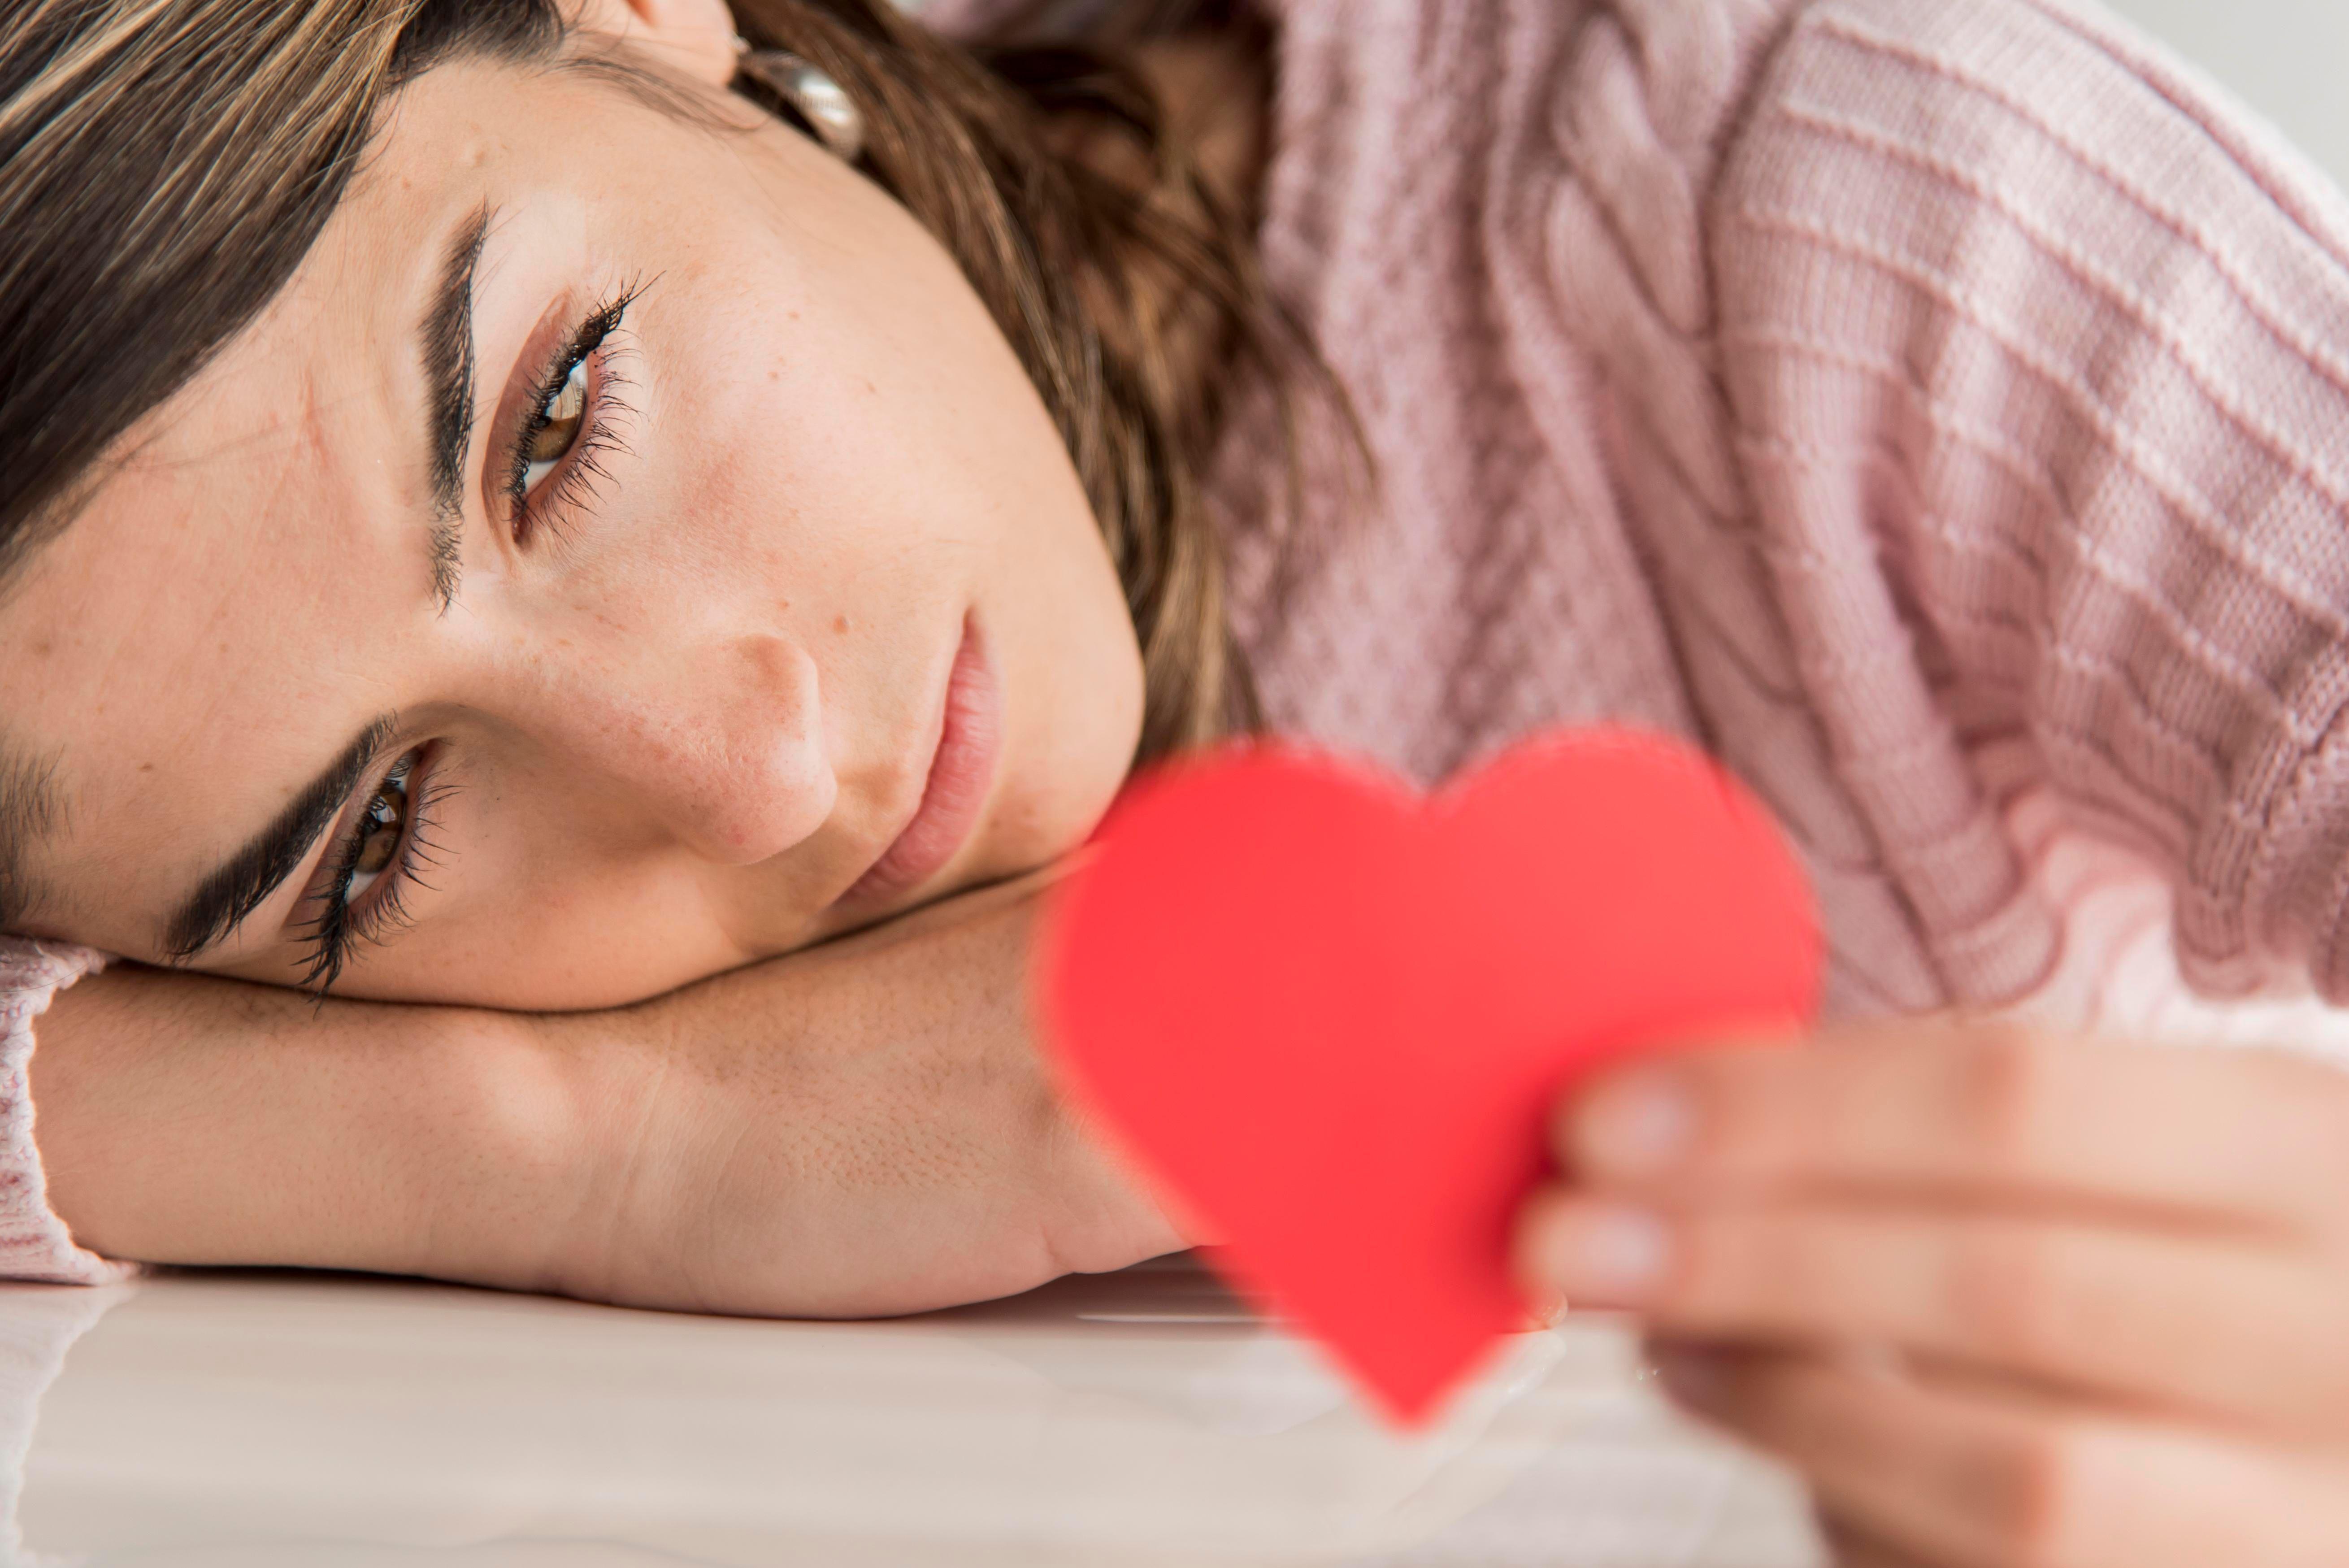 Dia Nggak Serius! Lihat 7 Tanda Jelas Cintanya Setengah Hati Padamu